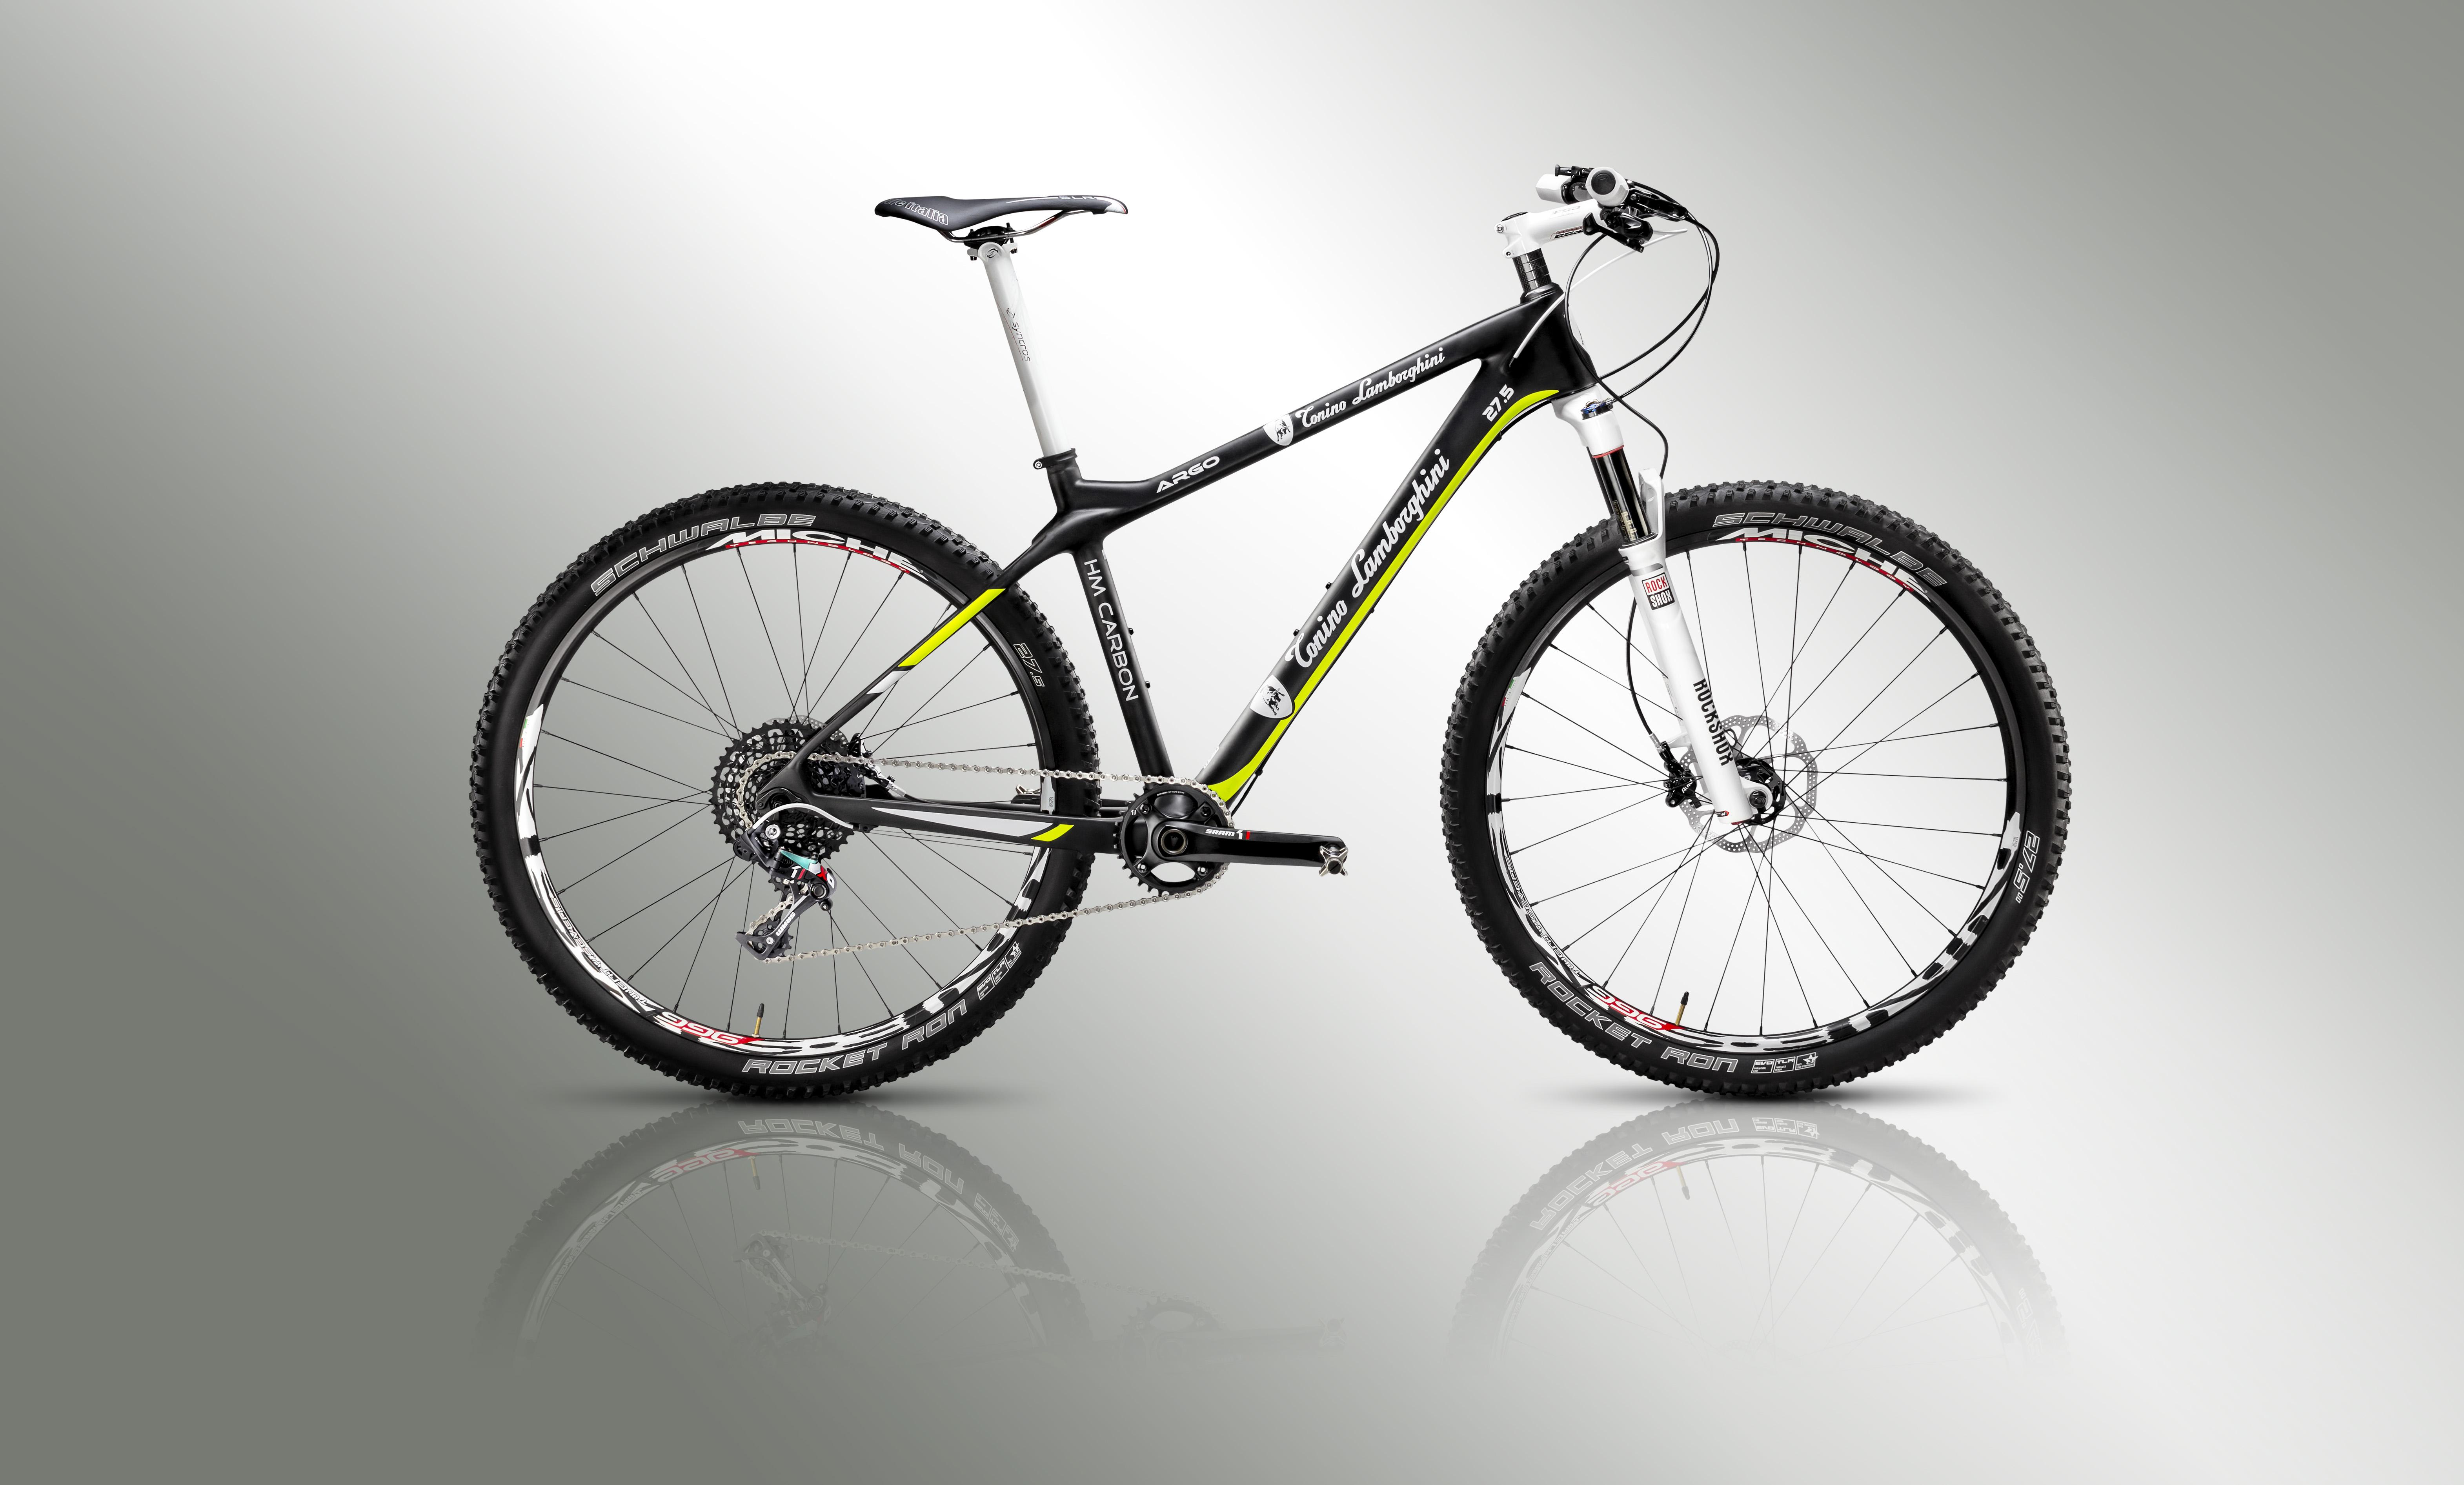 Bici High Tech E Super Performance Le Costellazioni Di Tonino